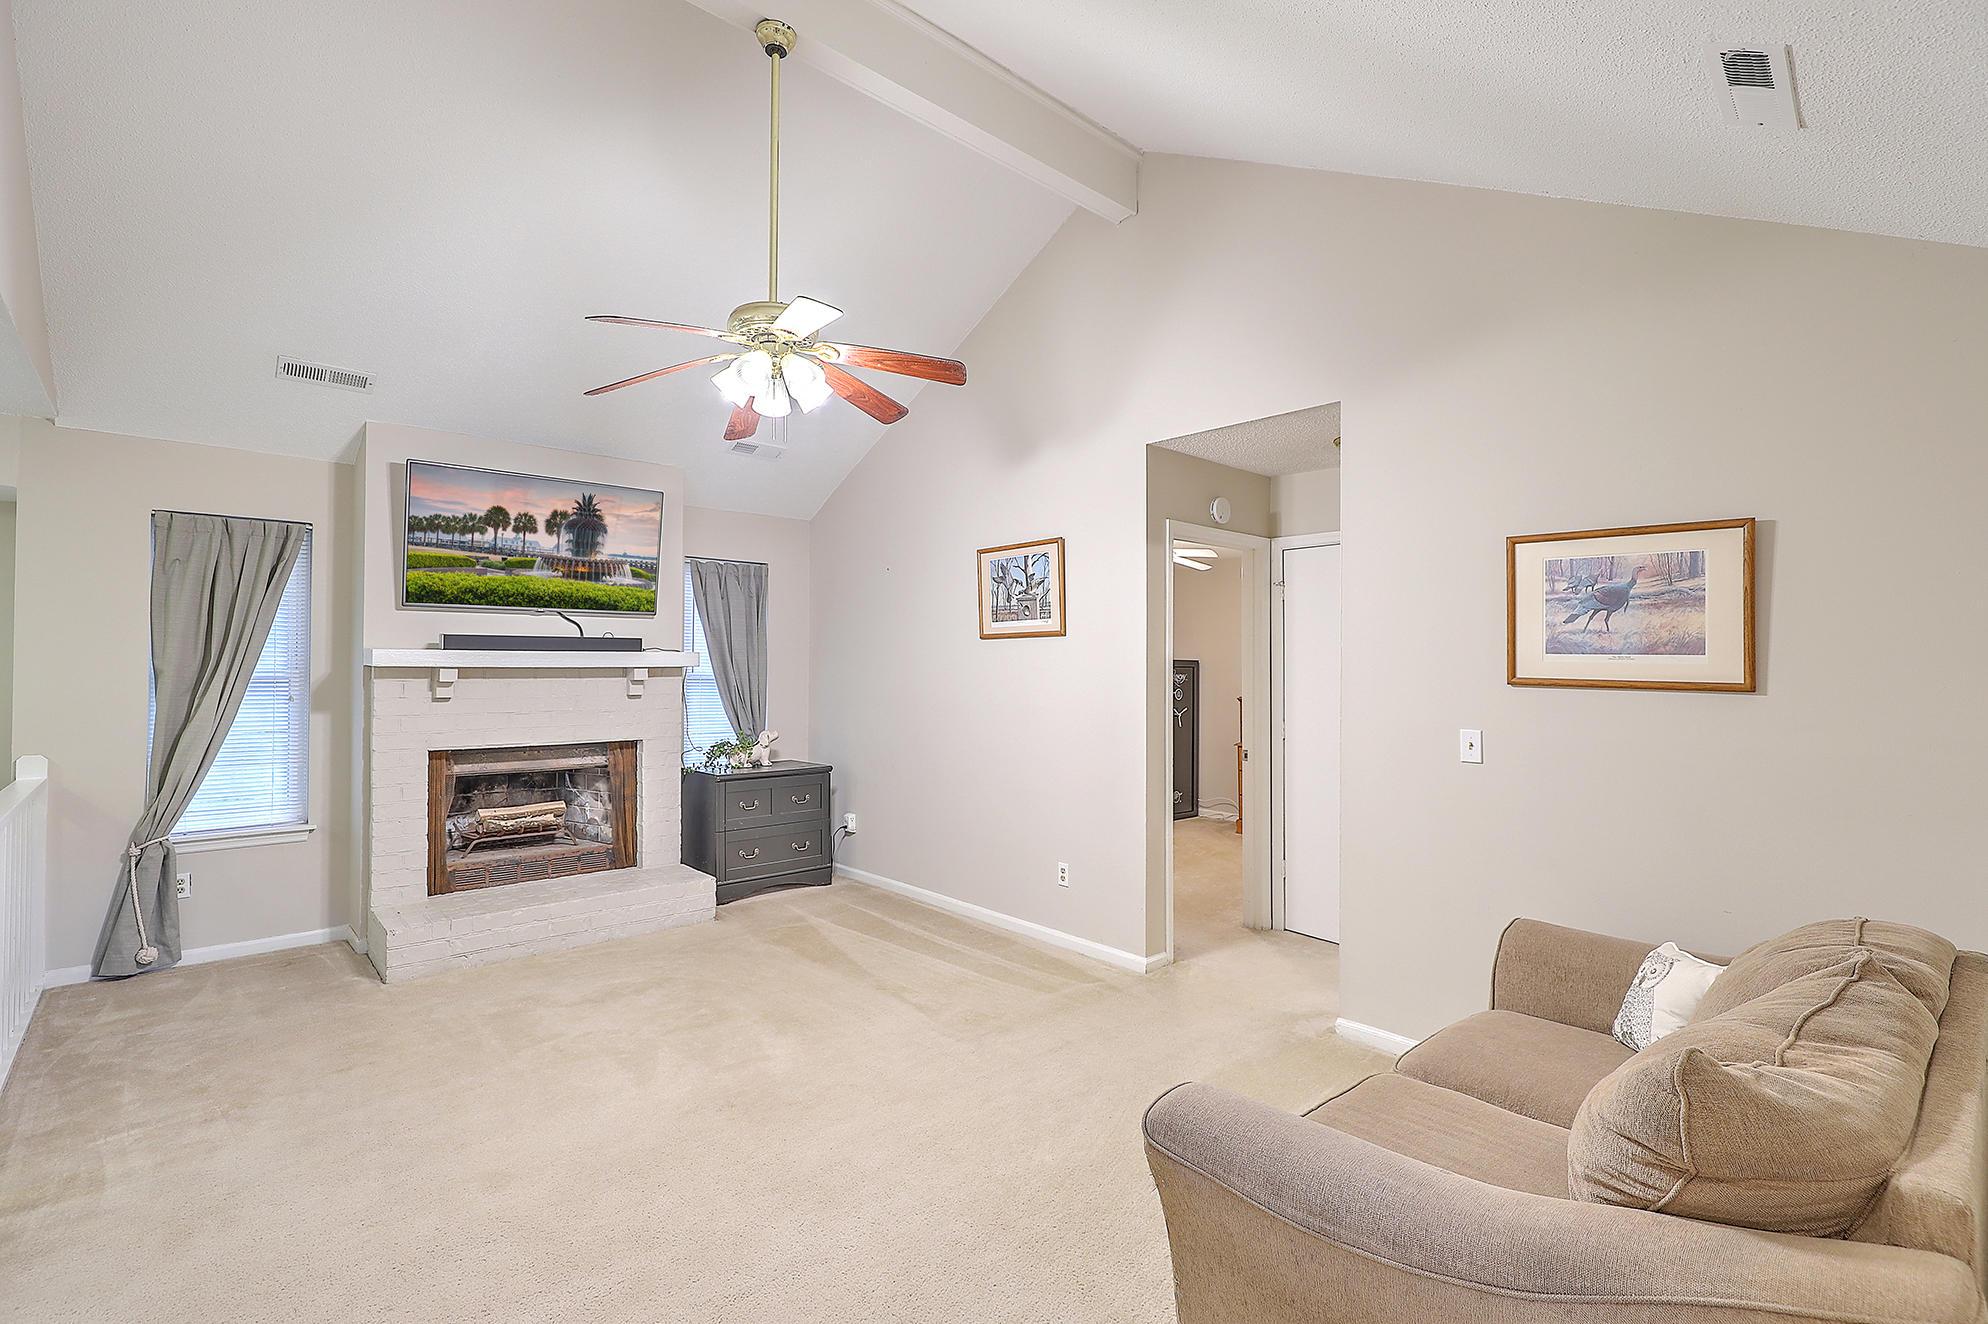 Willowbrook I Homes For Sale - 37 Delaware, Goose Creek, SC - 19